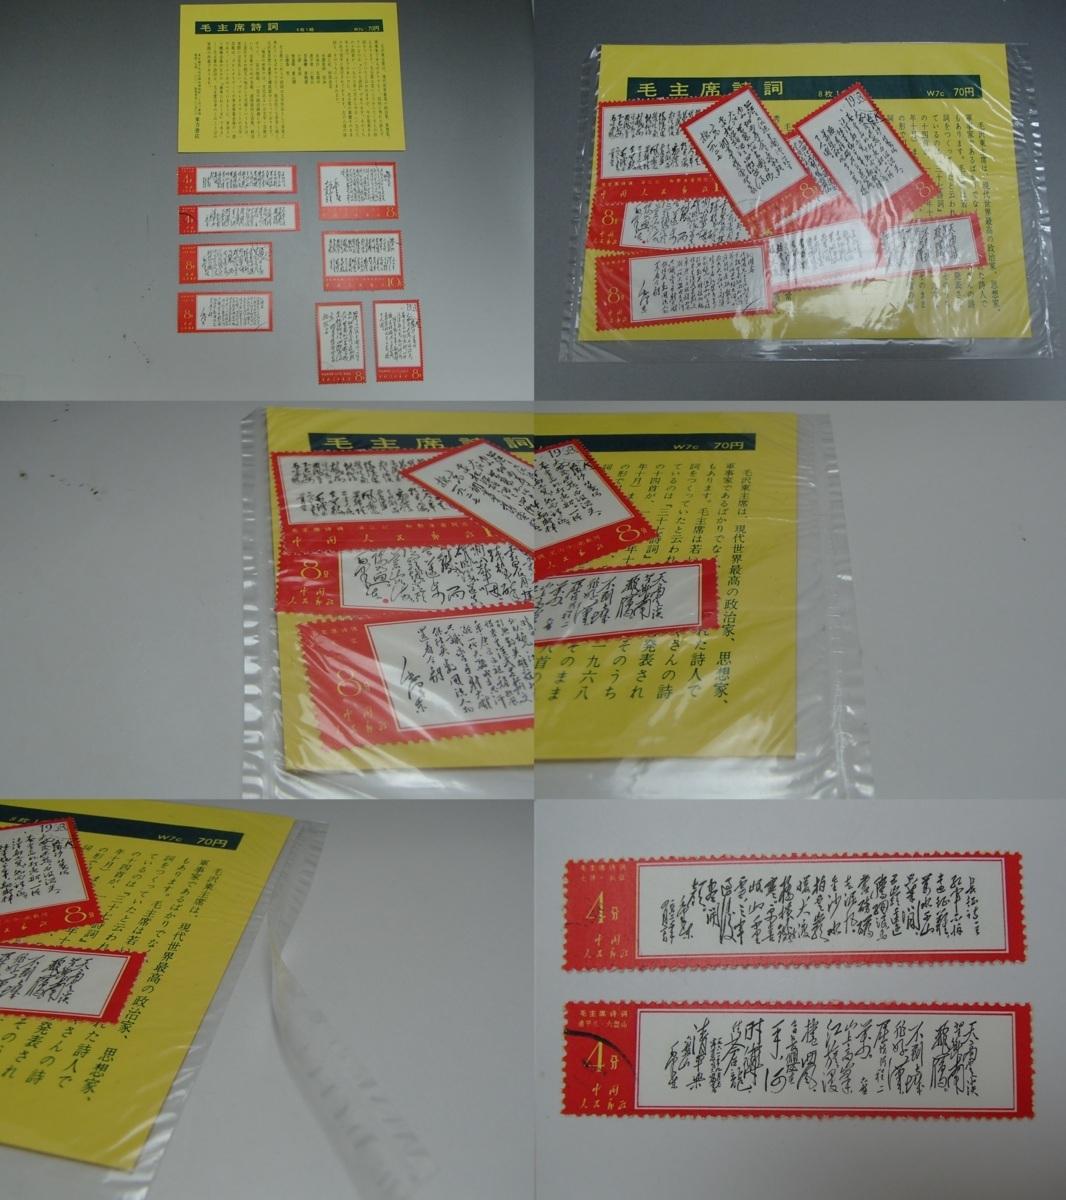 中国切手の消印有りと無しでは買取価格にどう変化がある??